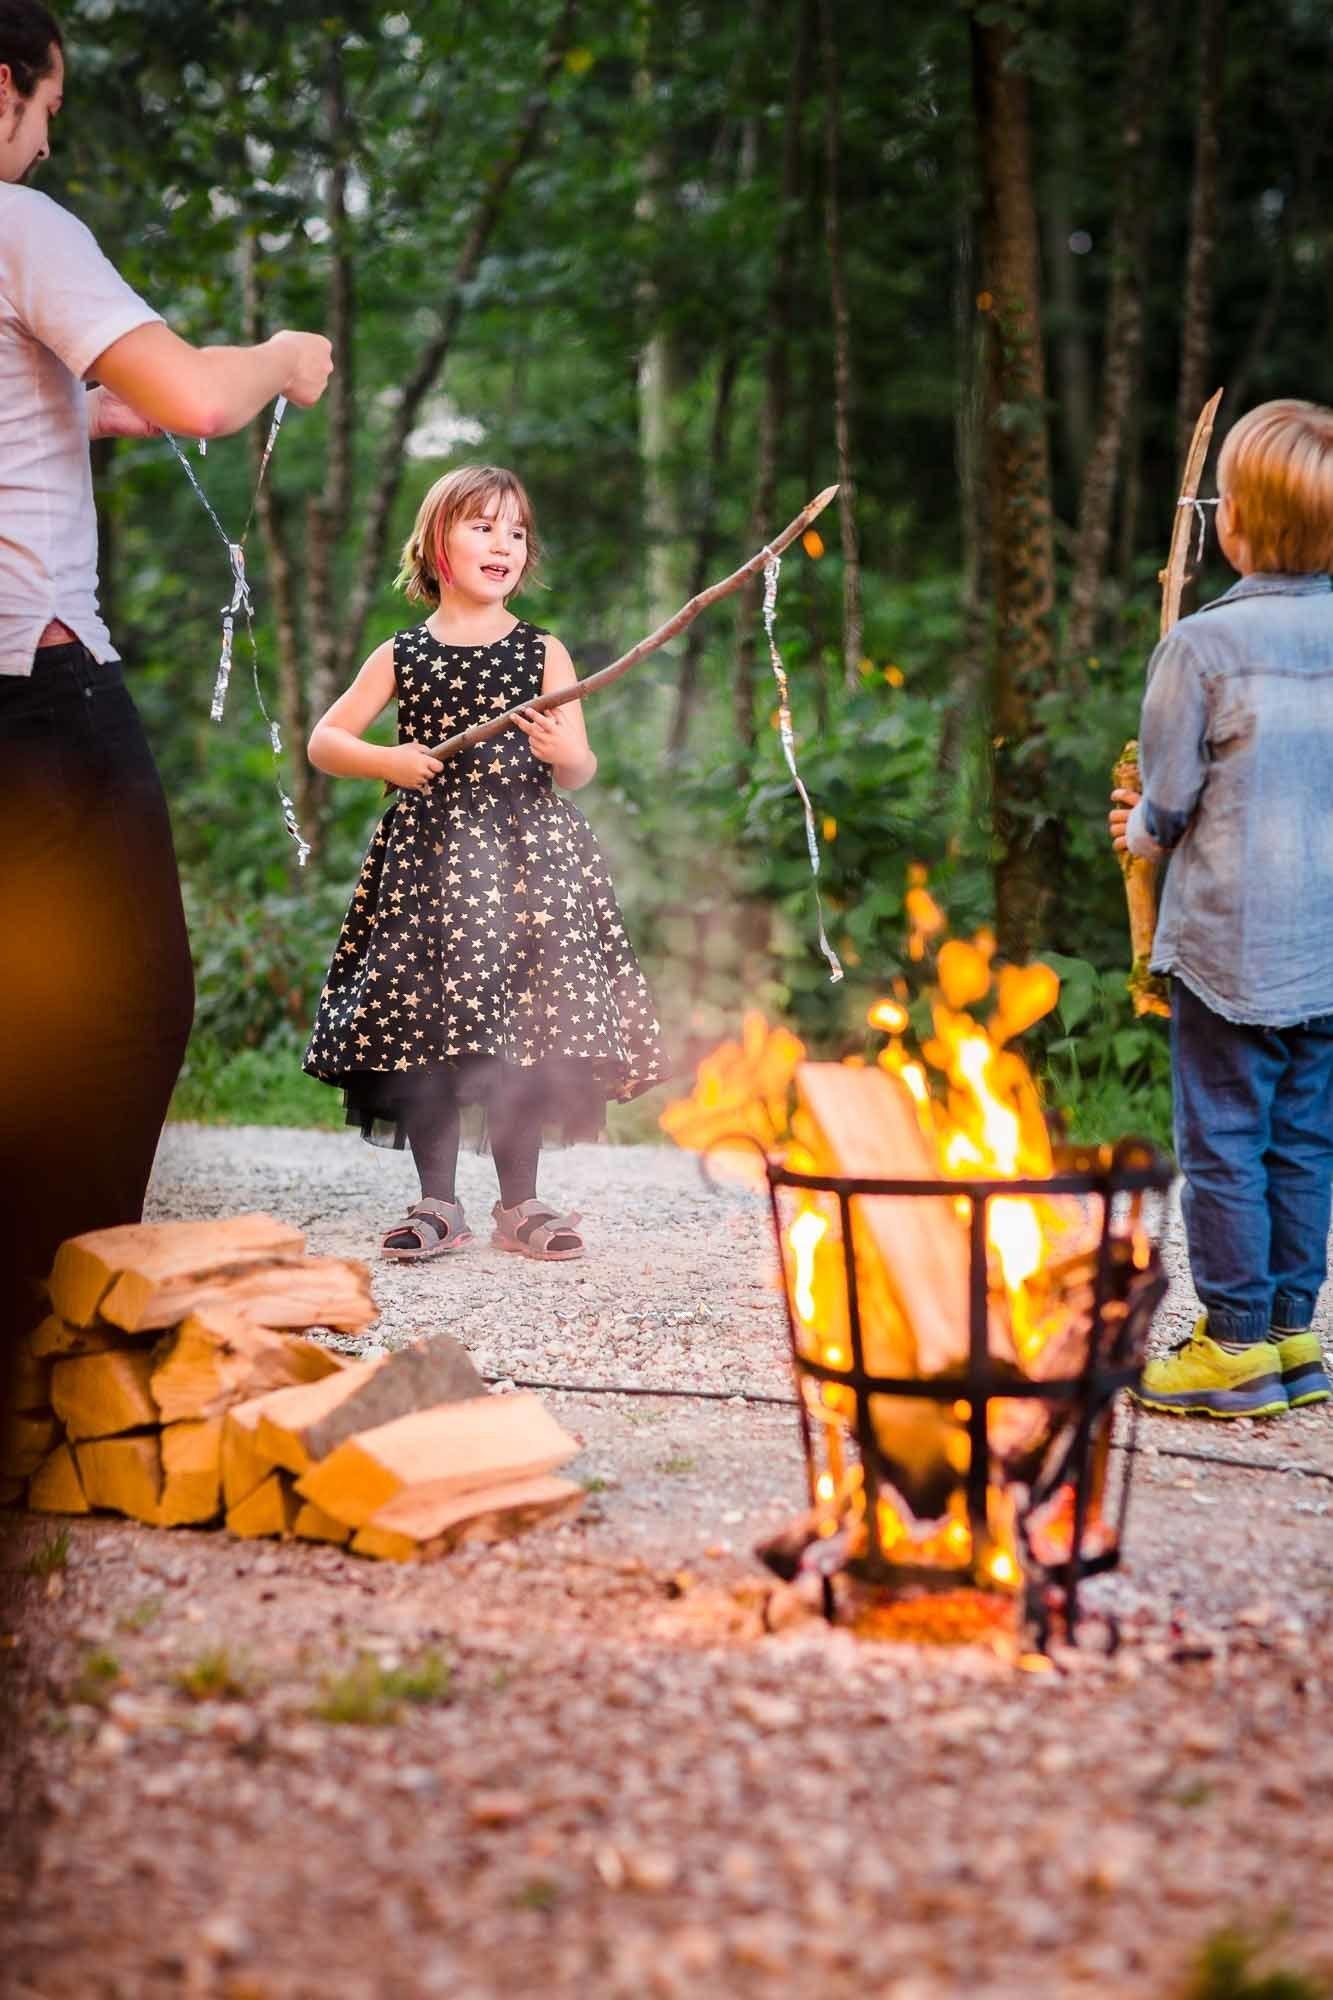 Kinder spielen am Feuer